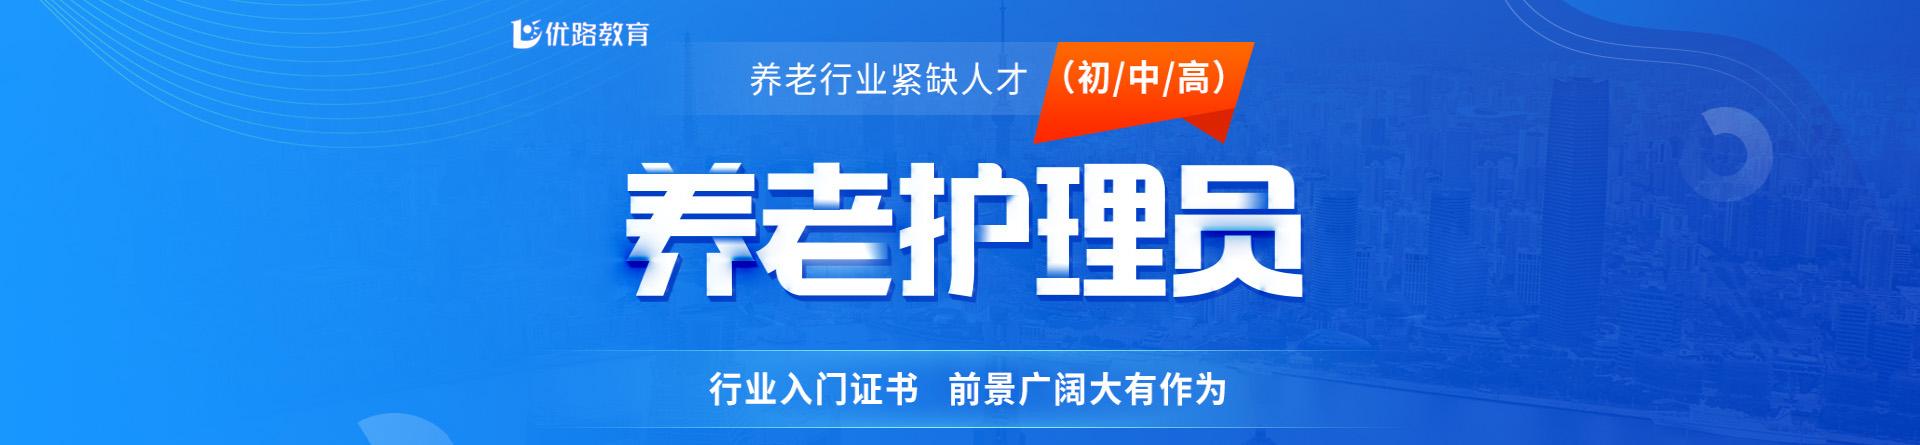 桂林養老護理員培訓